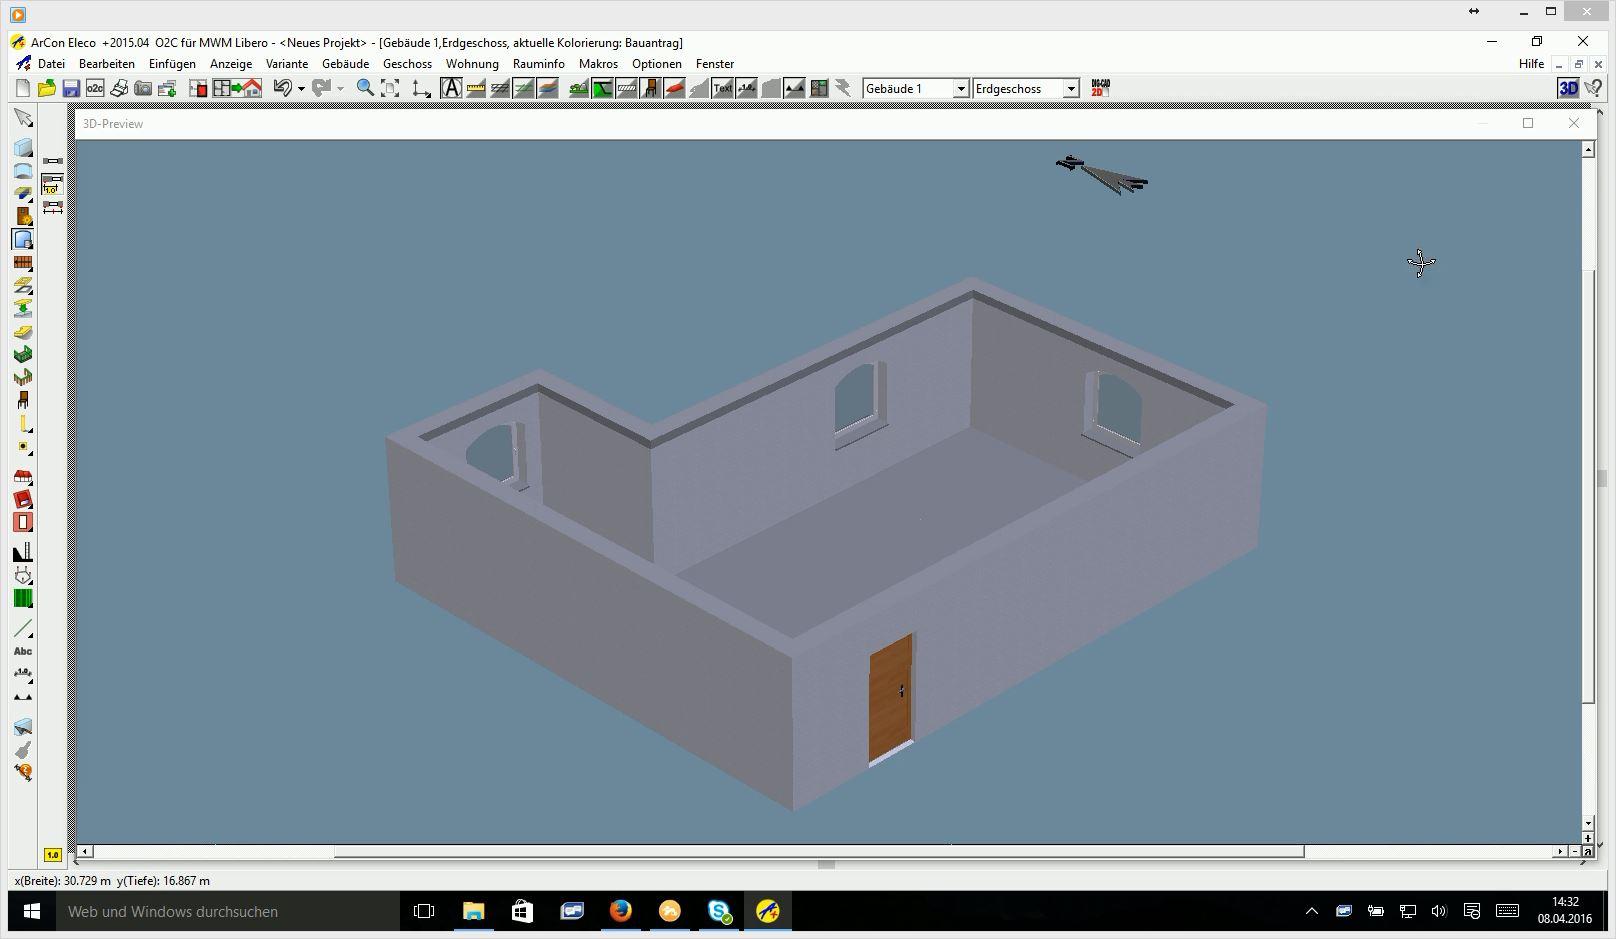 Laser Entfernungsmesser Software : Mwm software & beratung gmbh · preise arcon für libero